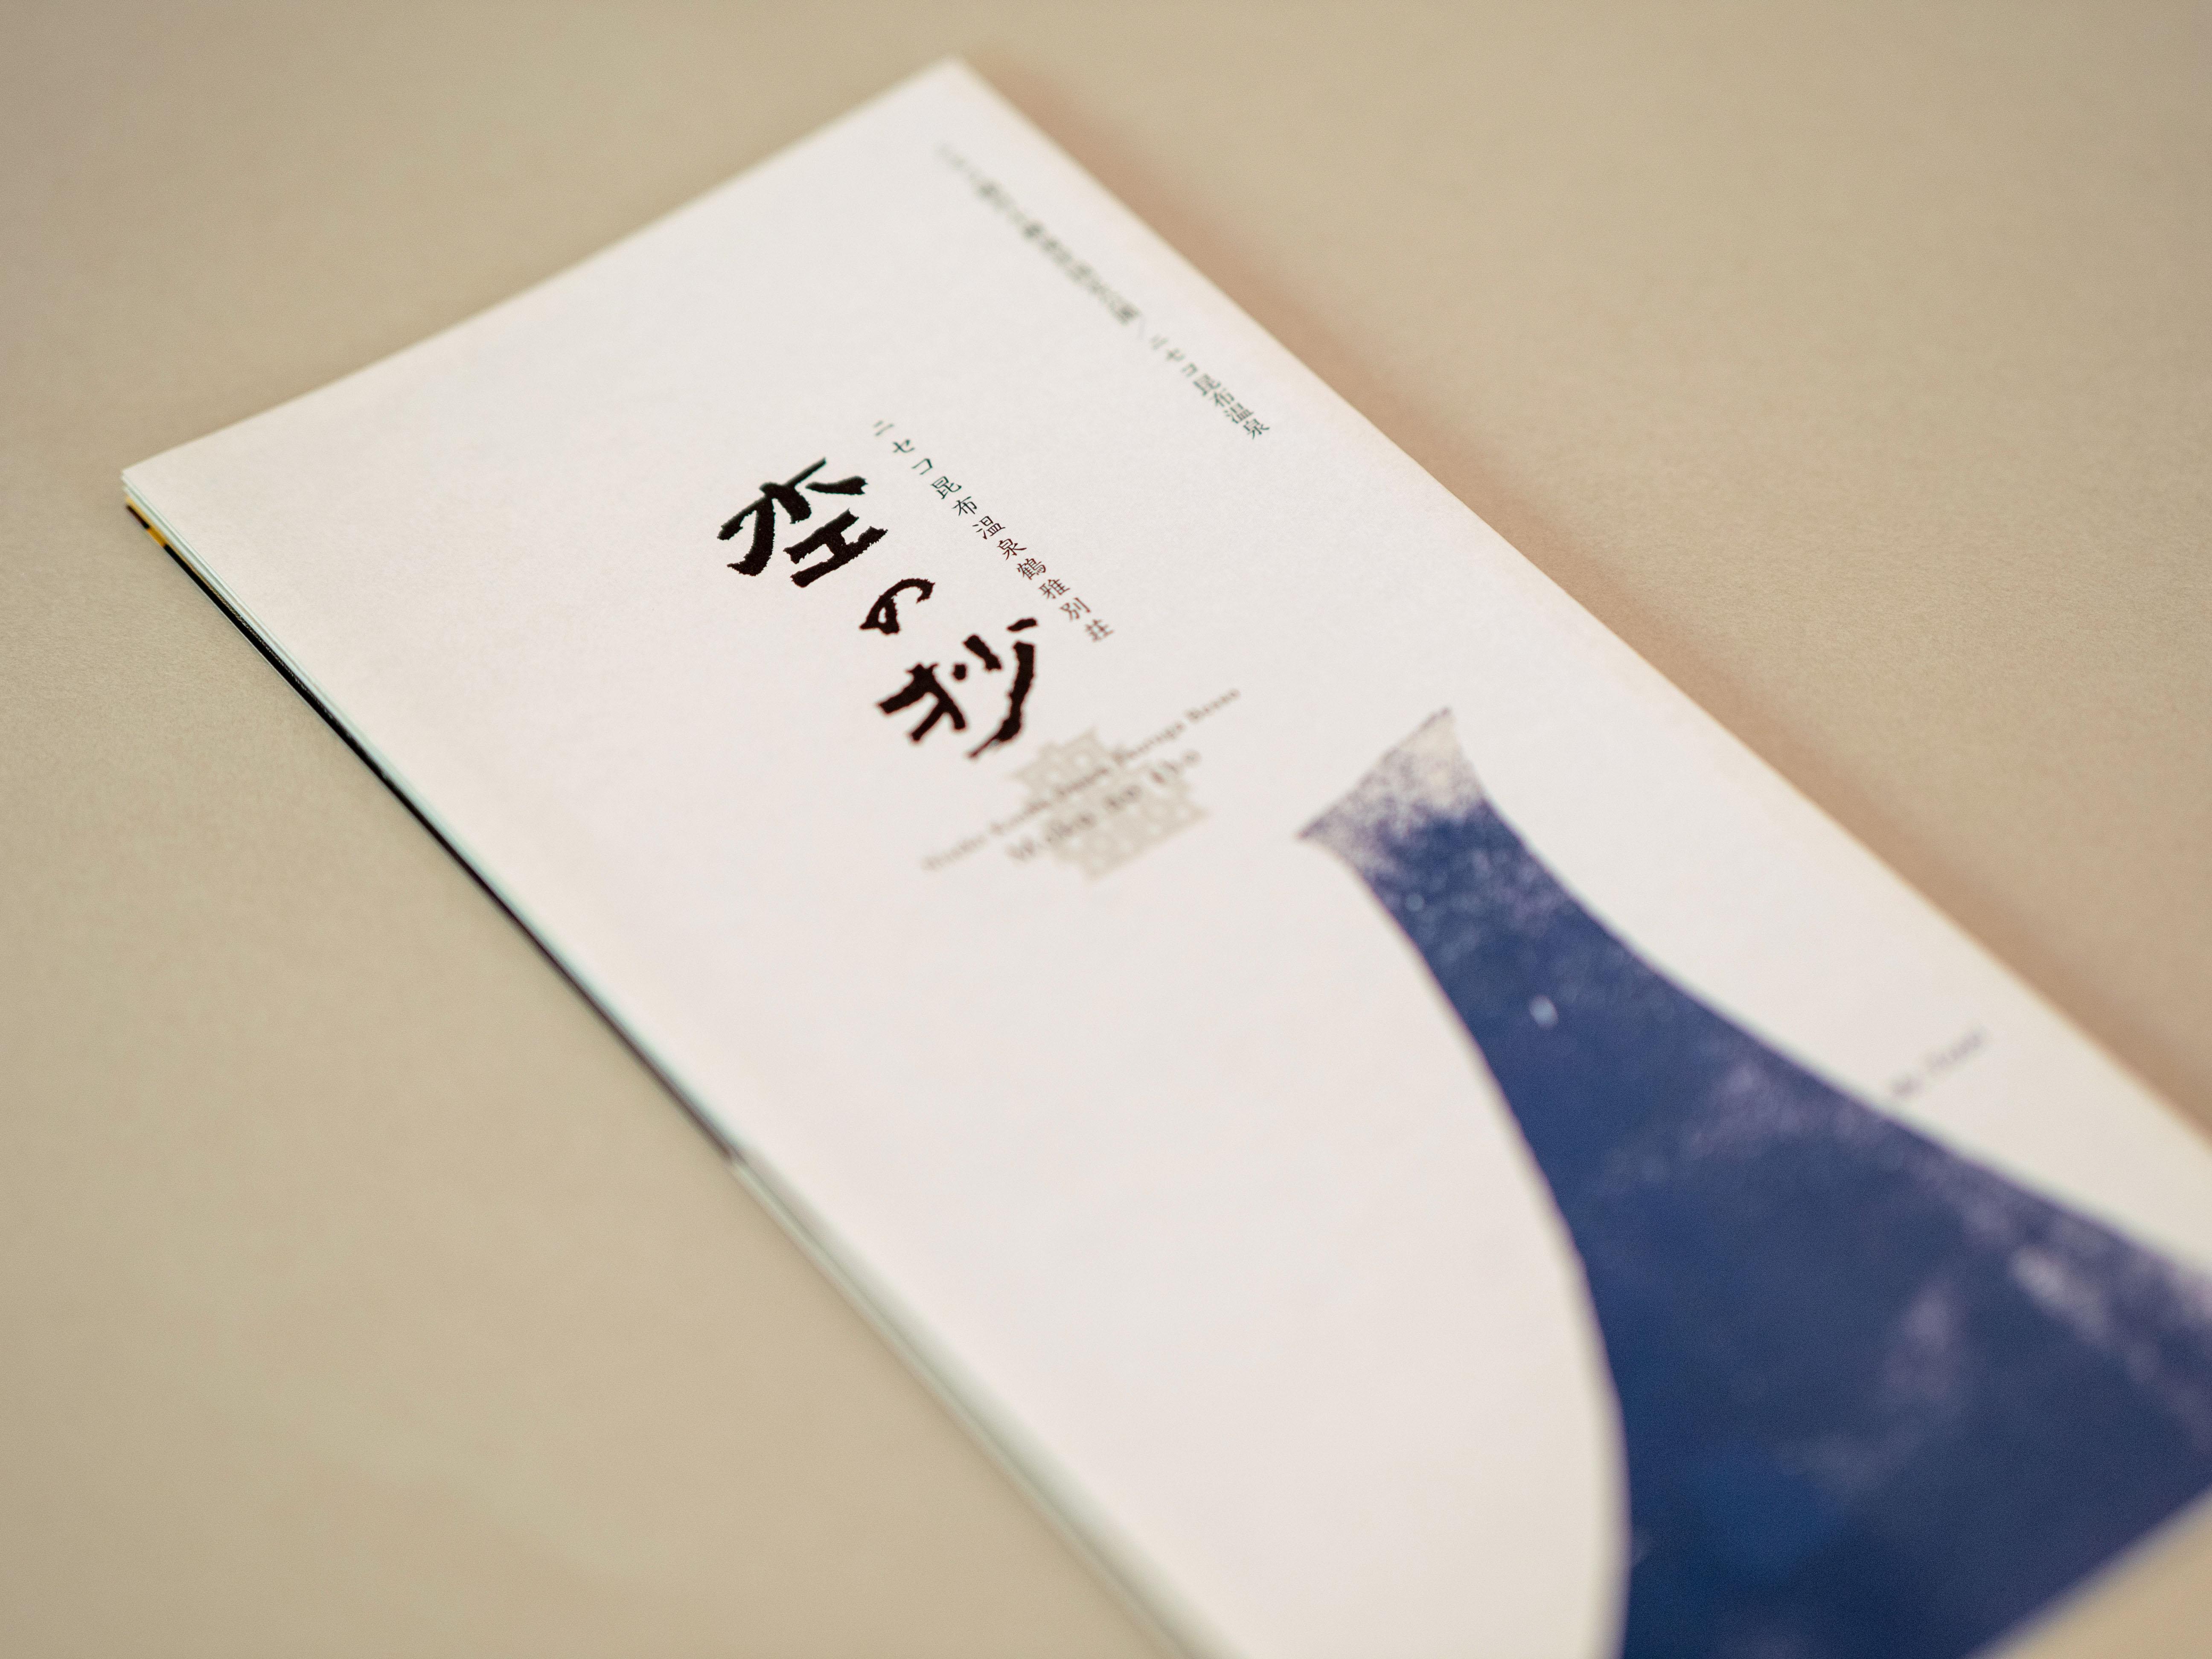 <span>Pamphlet</span><br>鶴雅グループ<br>ニセコ昆布温泉 鶴雅別荘 杢の抄